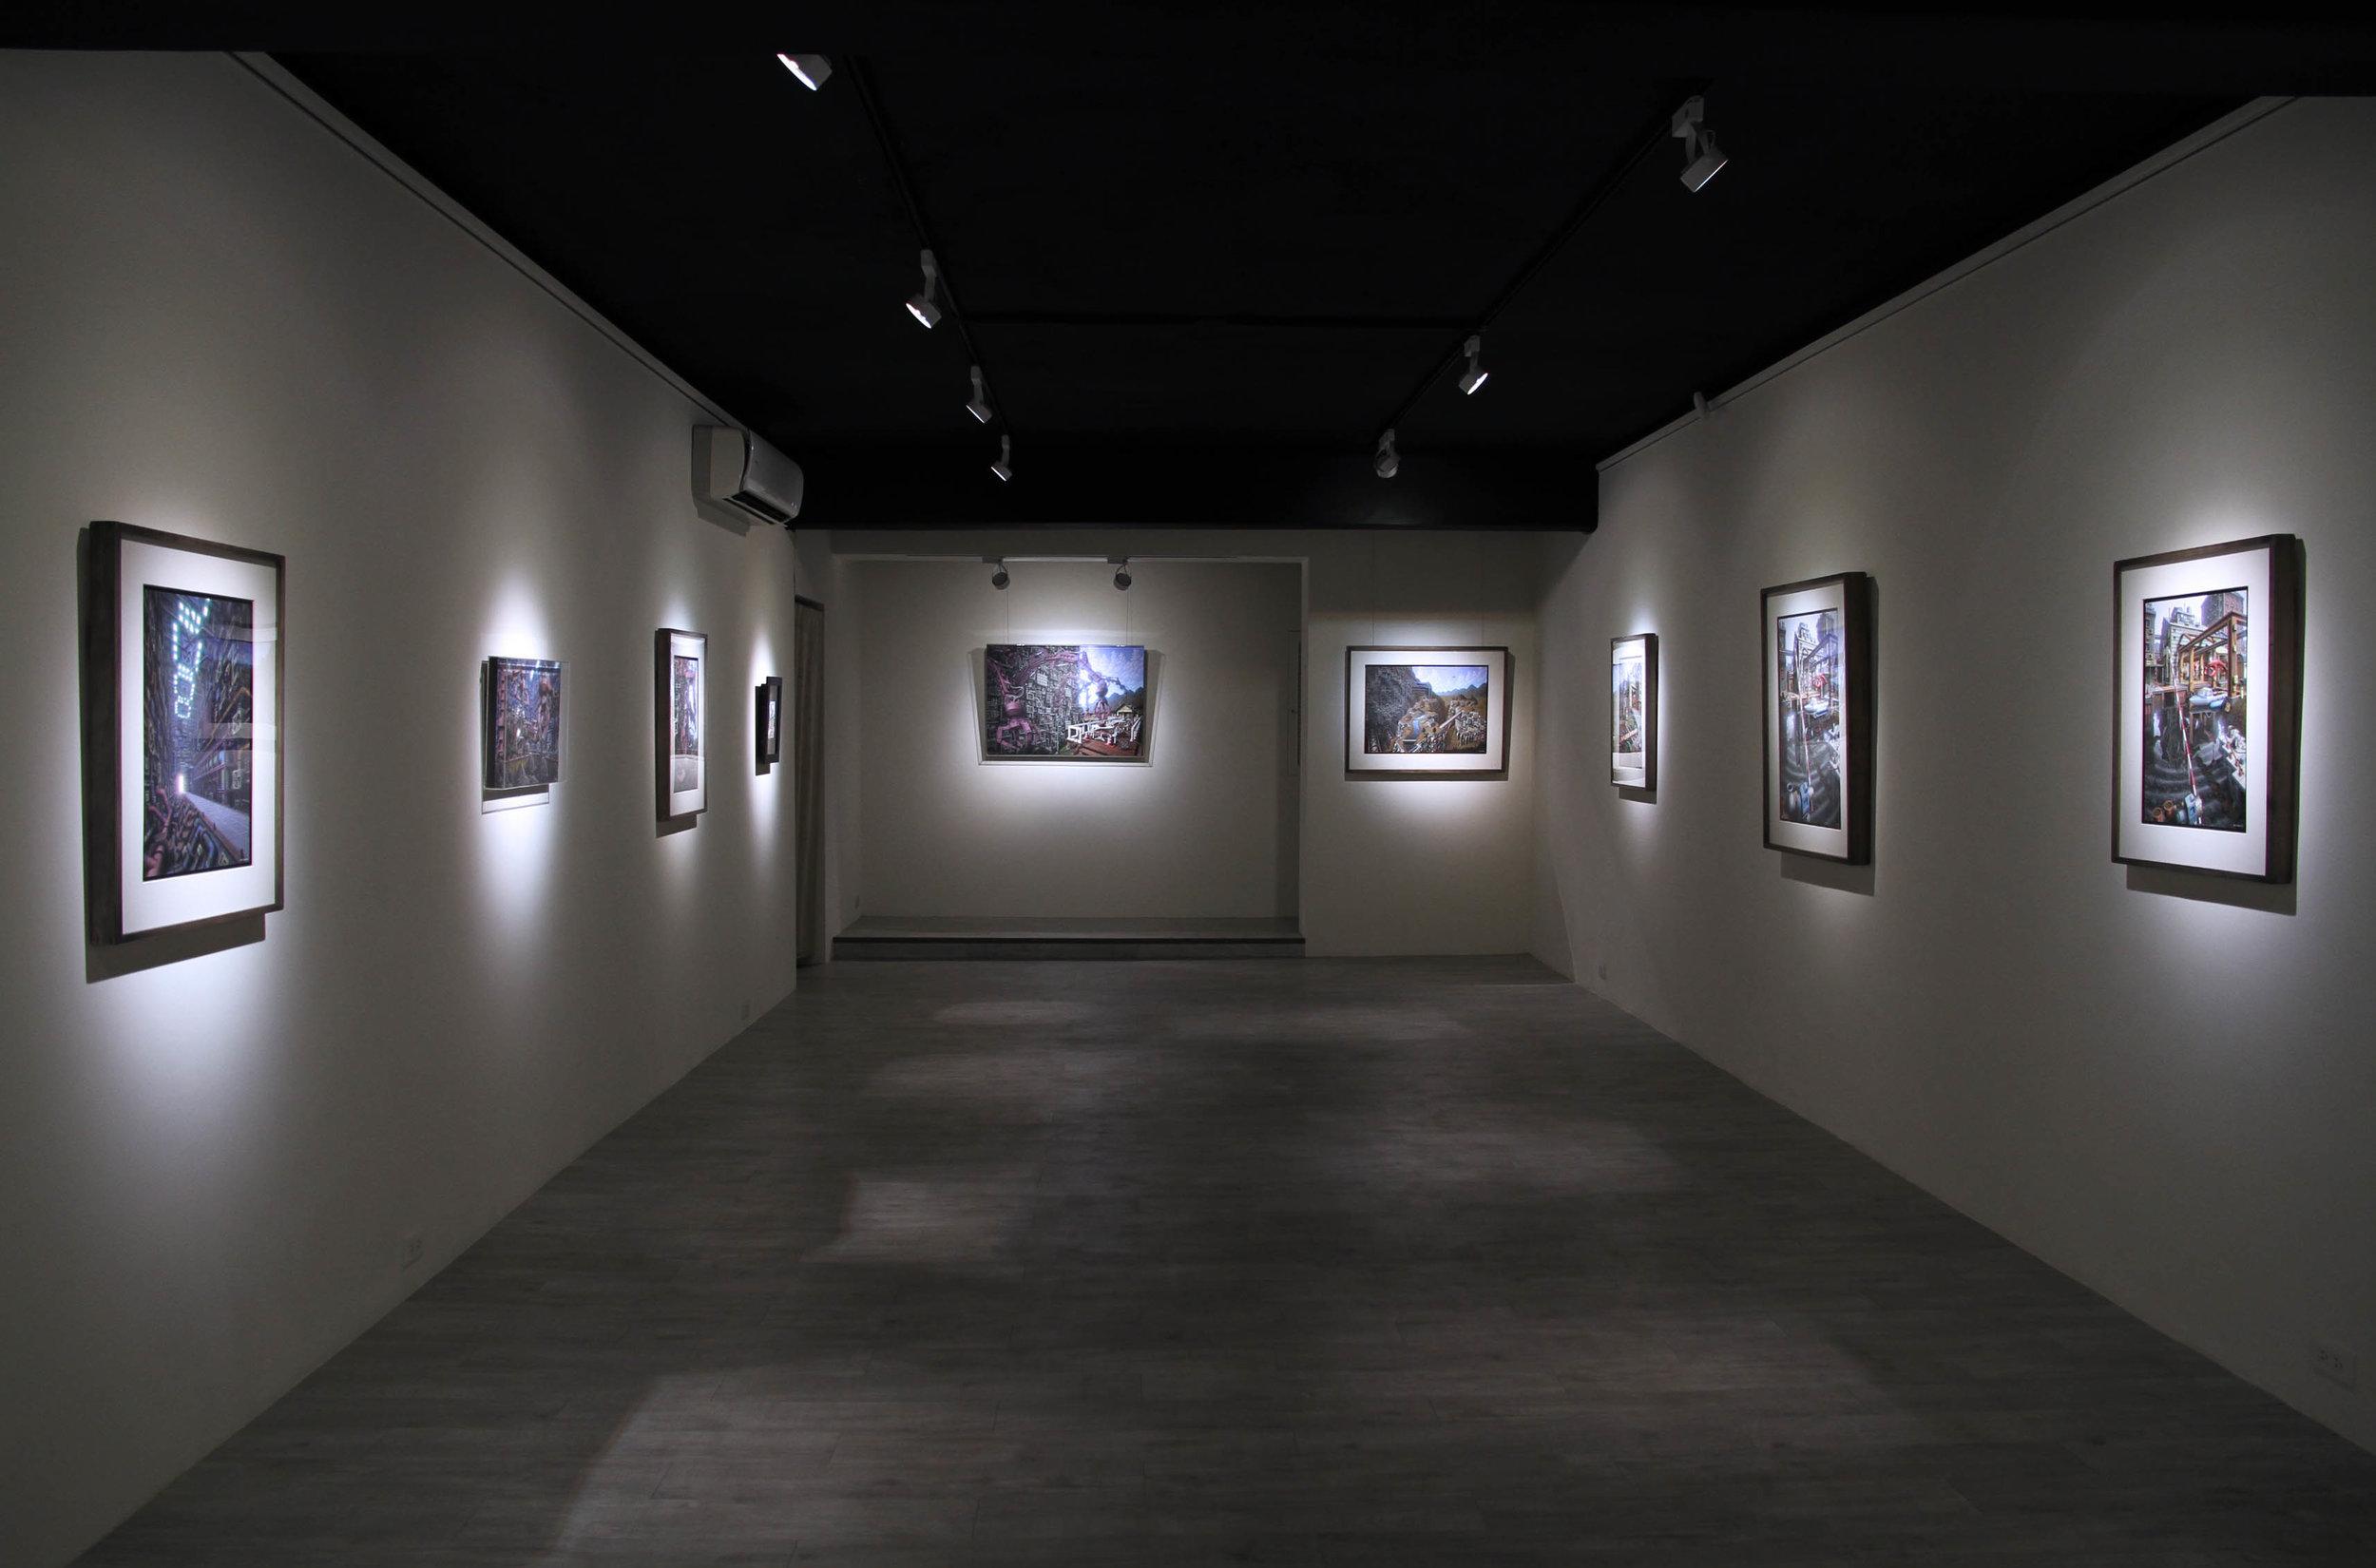 2017西岡良太永不滿足的消費渴望個展2.JPG